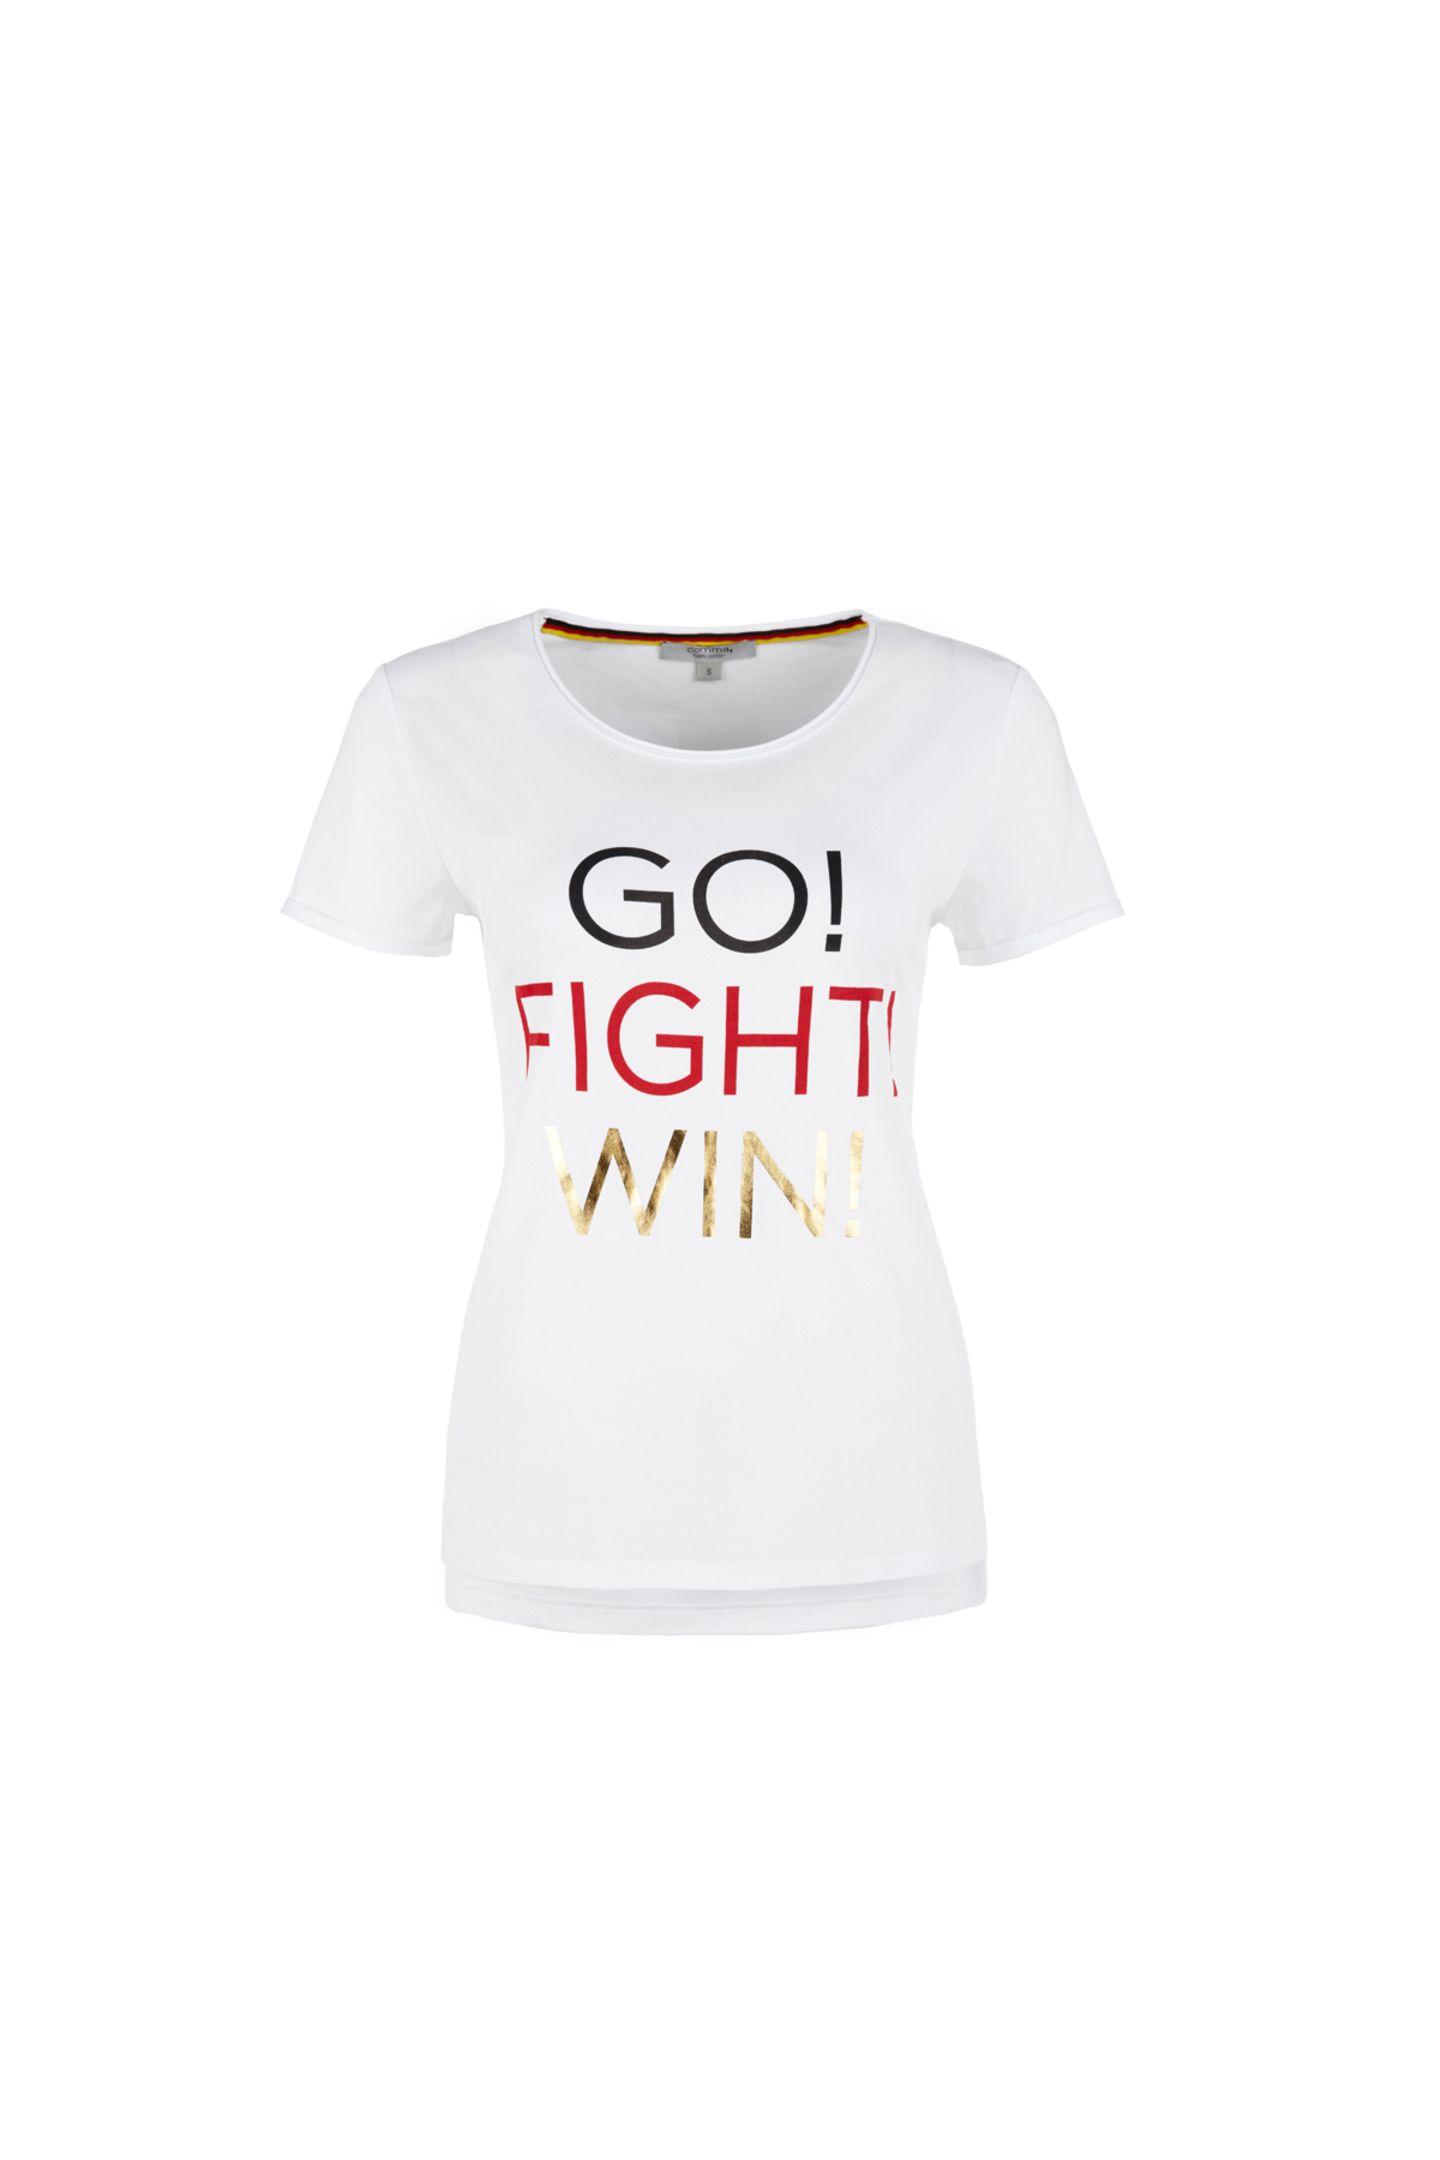 Go! Fight!Win! Dieses WM-Shirt von comma ist perfekt für einen stilvollen Auftritt auf der Fanmeile! Ca. 30 Euro.